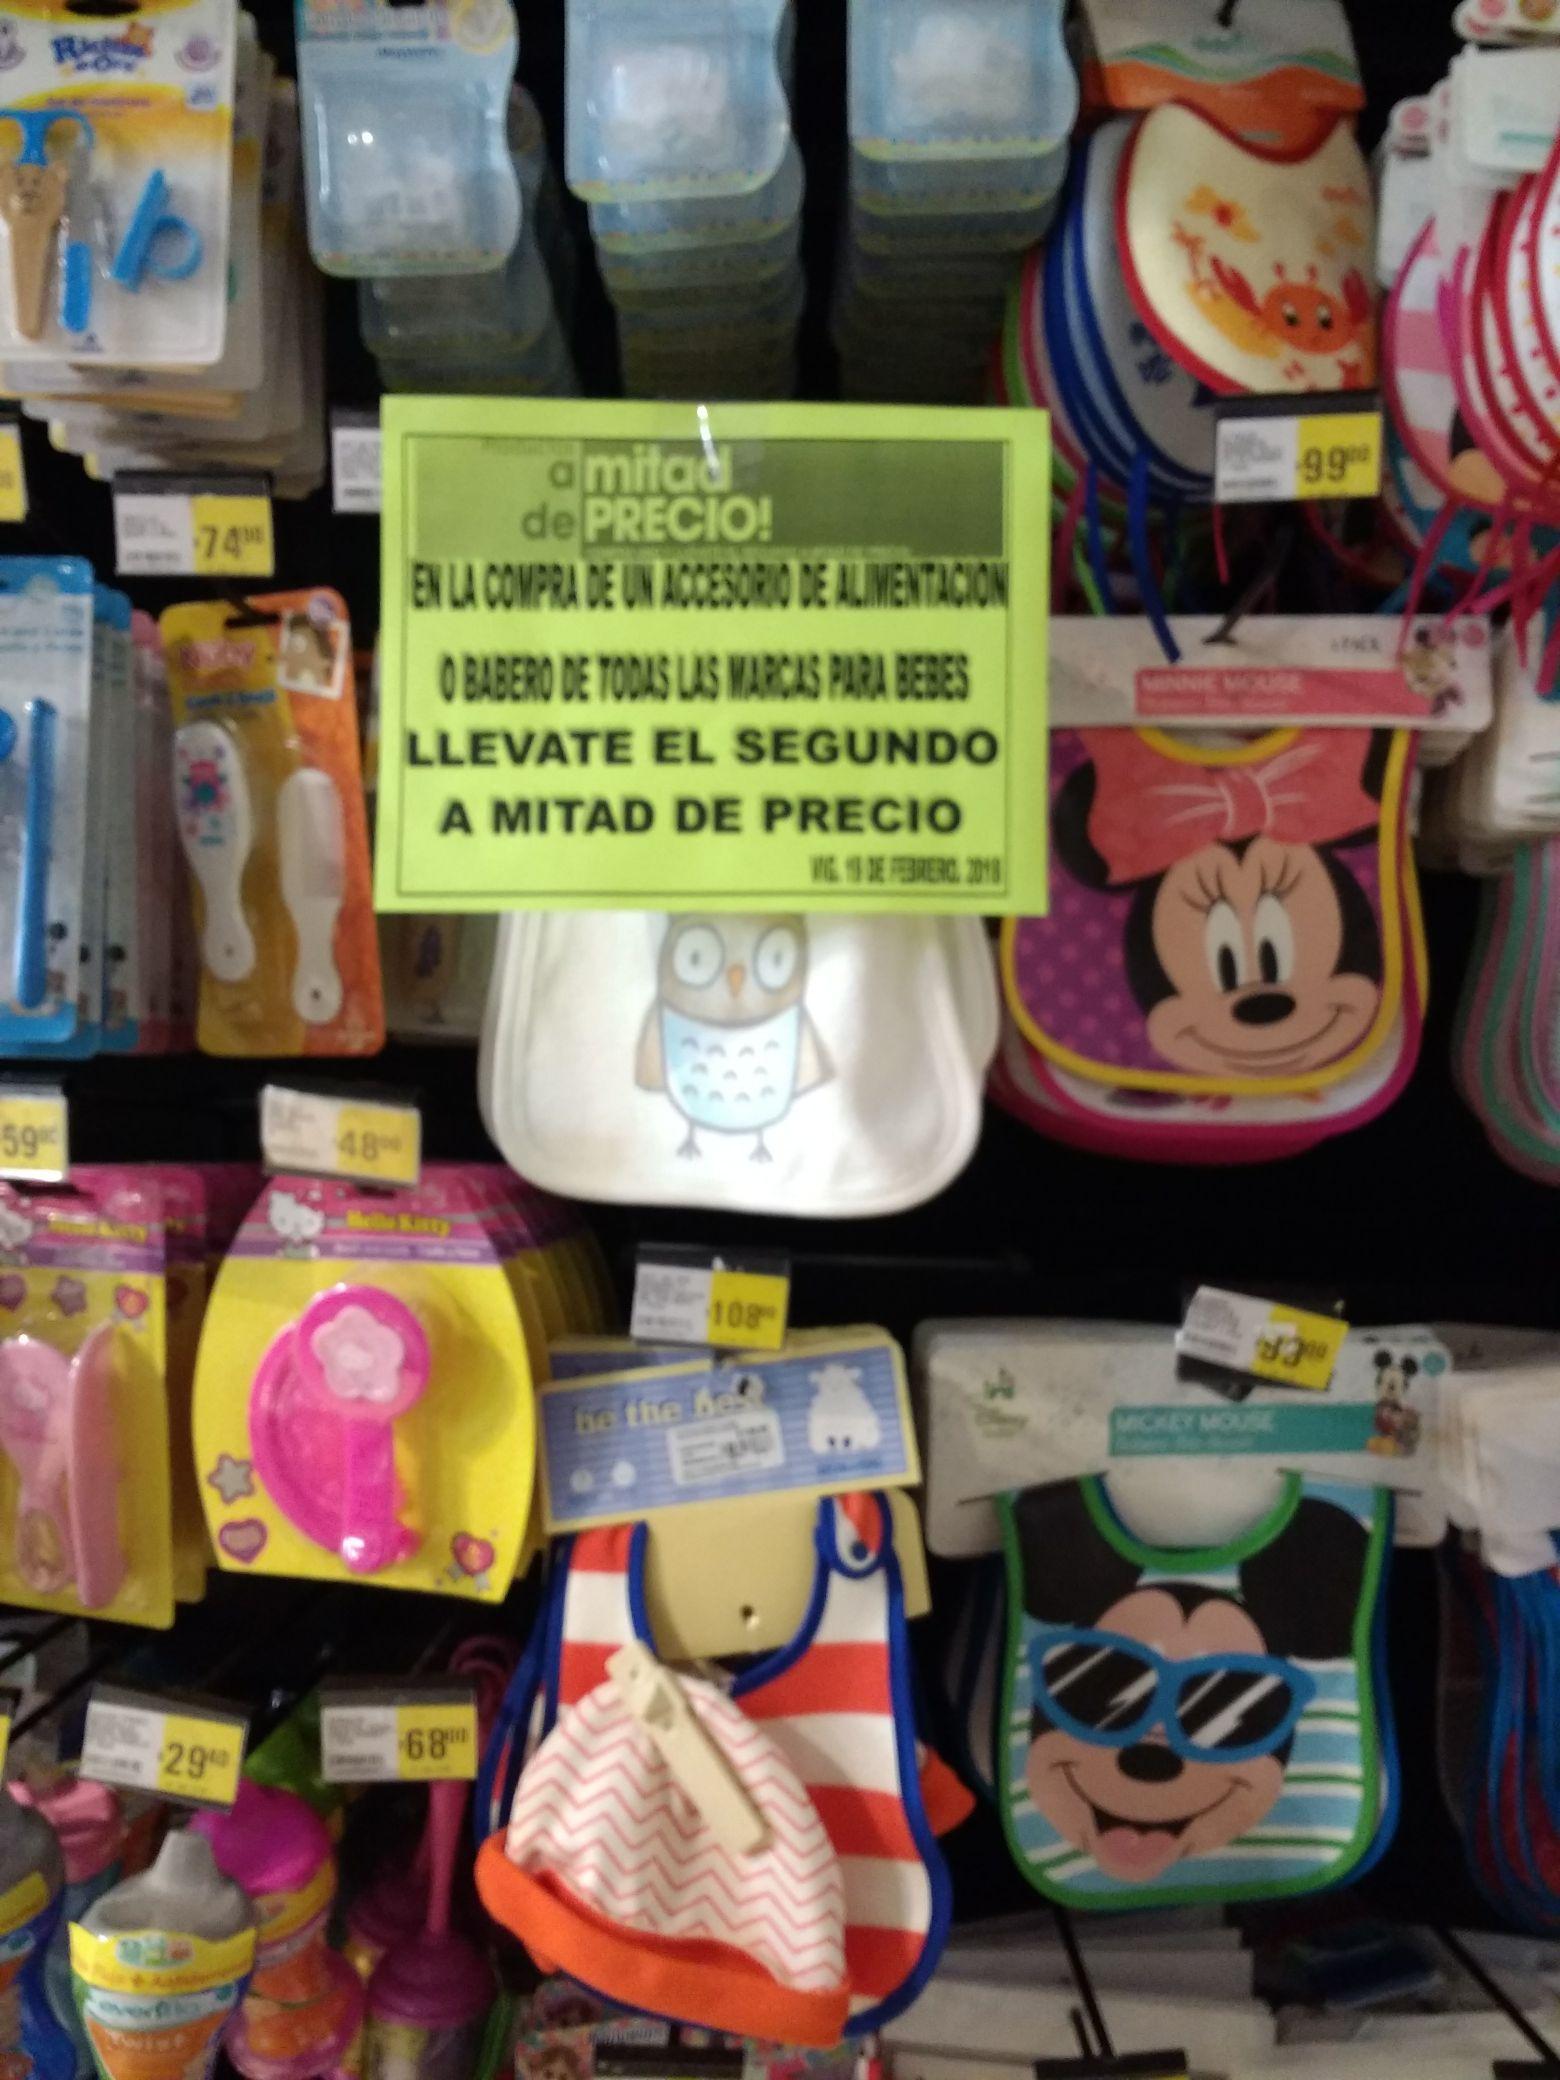 Mega Comercial Puebla: Artículos bebe 2do a Mitad de Precio